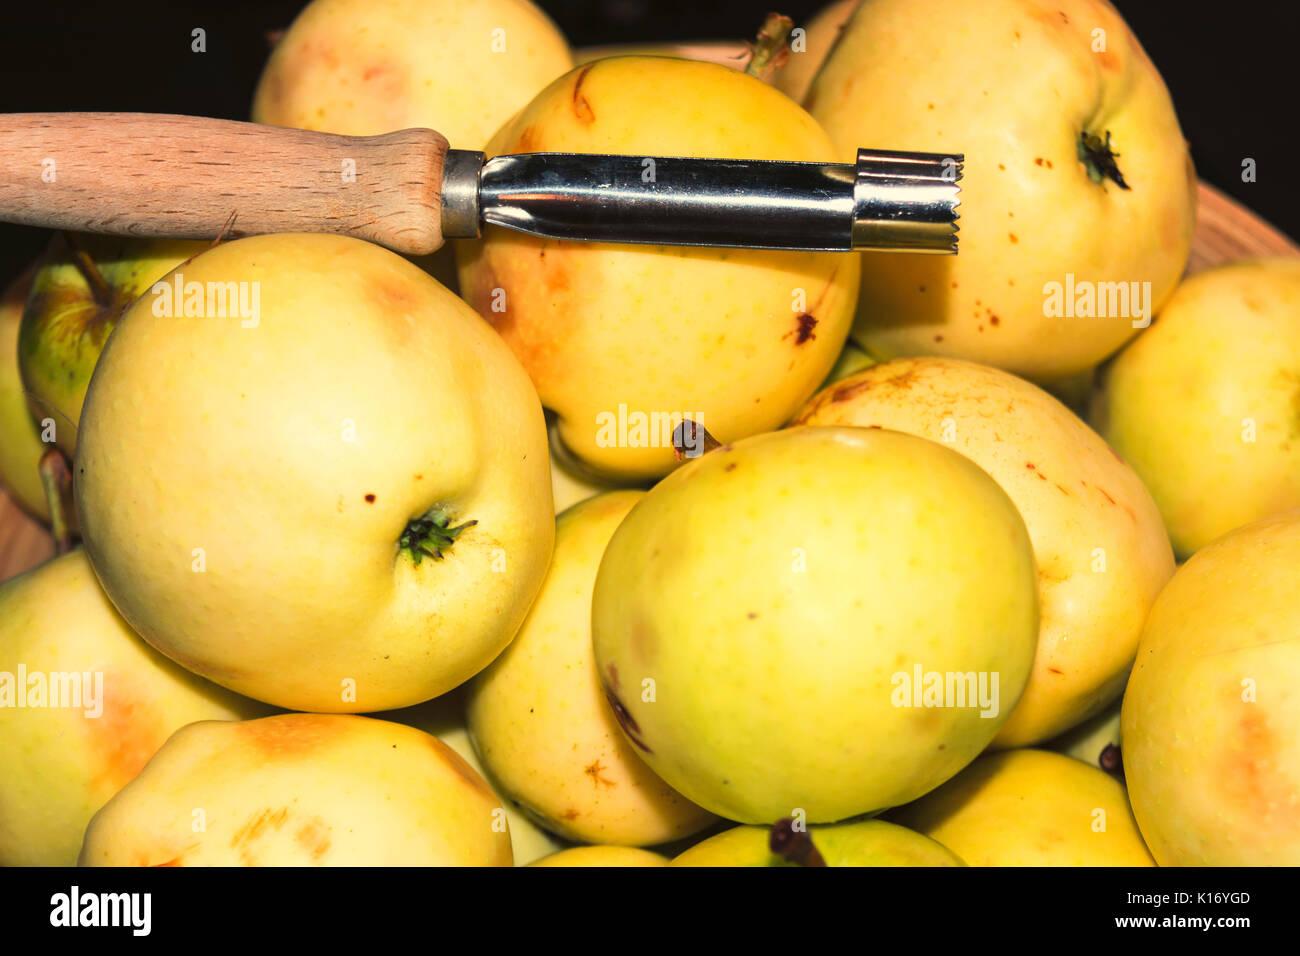 Natural wild apples grown. European wild apple, malus sylvestris. Stock Photo